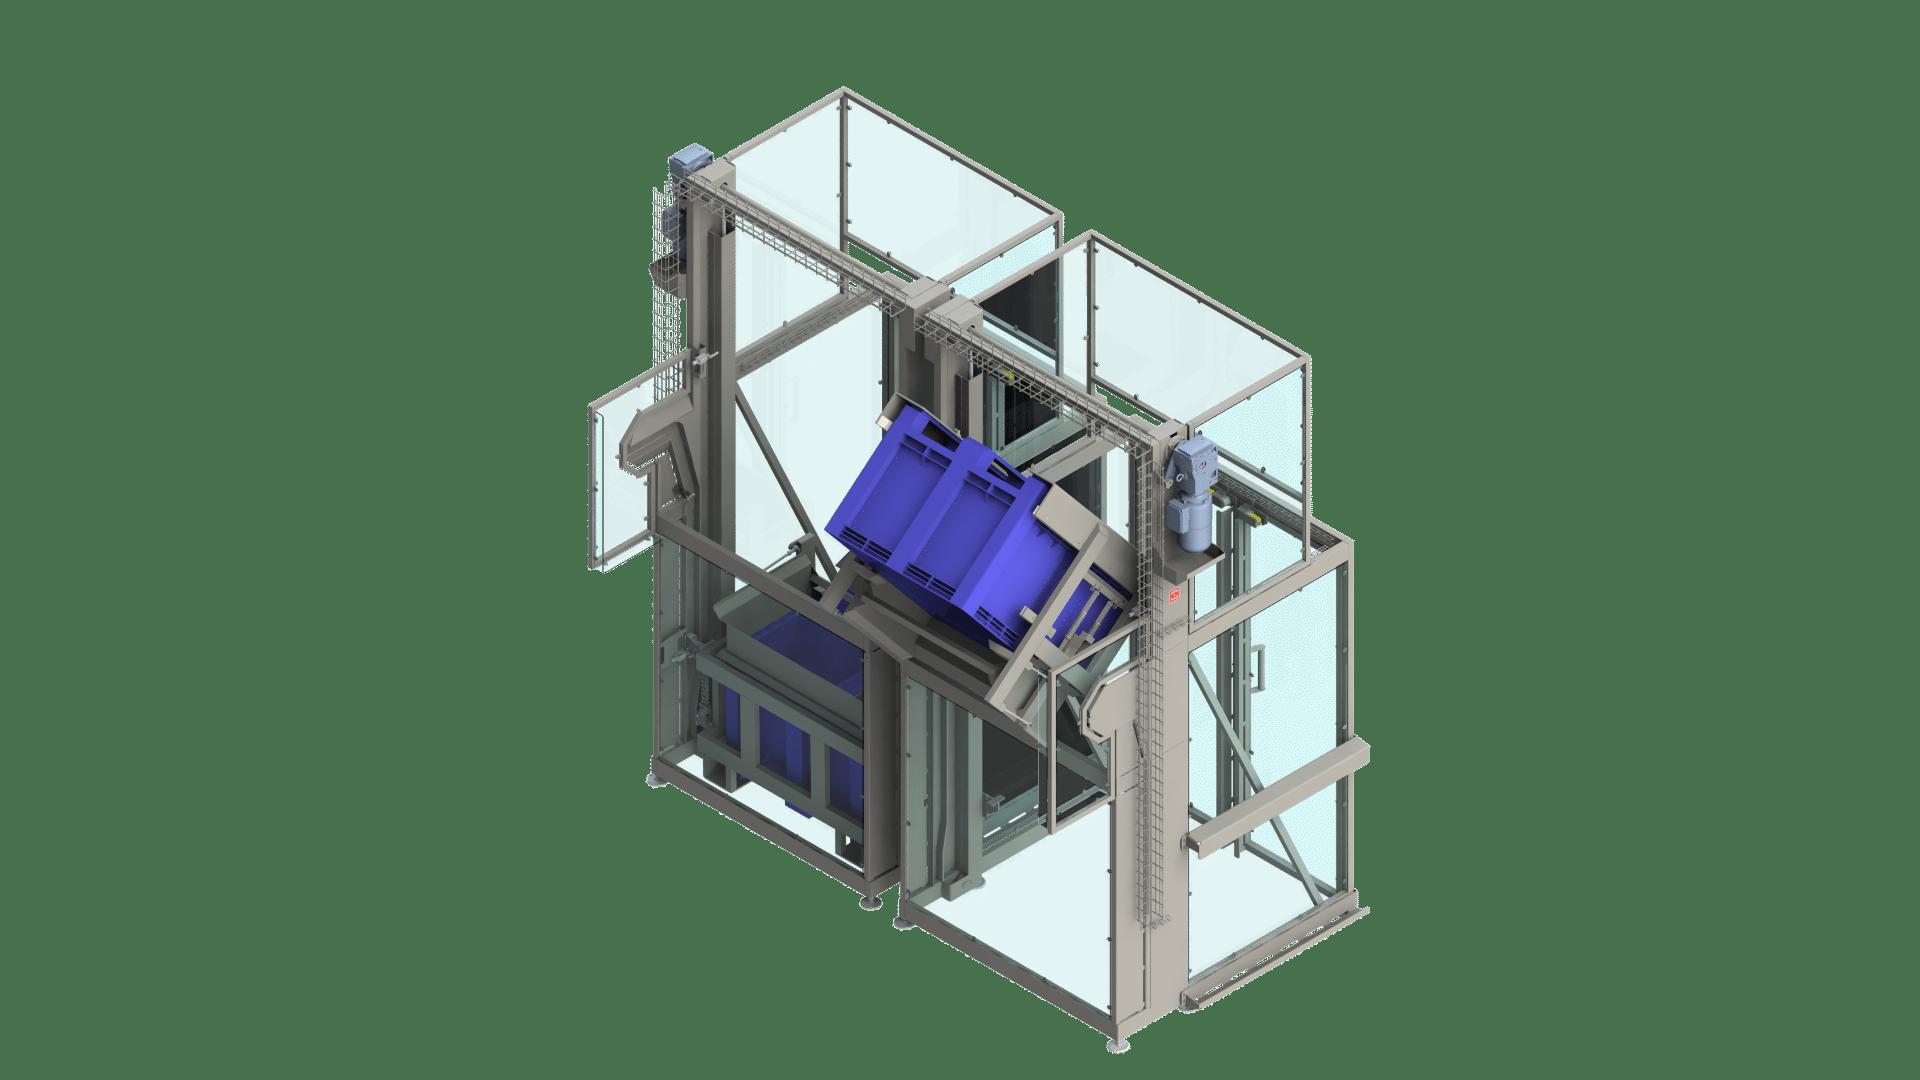 Nimo-KG levererar under mars 2021 två maskiner till en chokladfabrik i Schweiz, tillhörandes en av världens främsta chokladtillverkare. Maskinerna som levereras är tvåpelarlyftar av modellen SK 800 MK2 som ska användas till att tömma nötter.